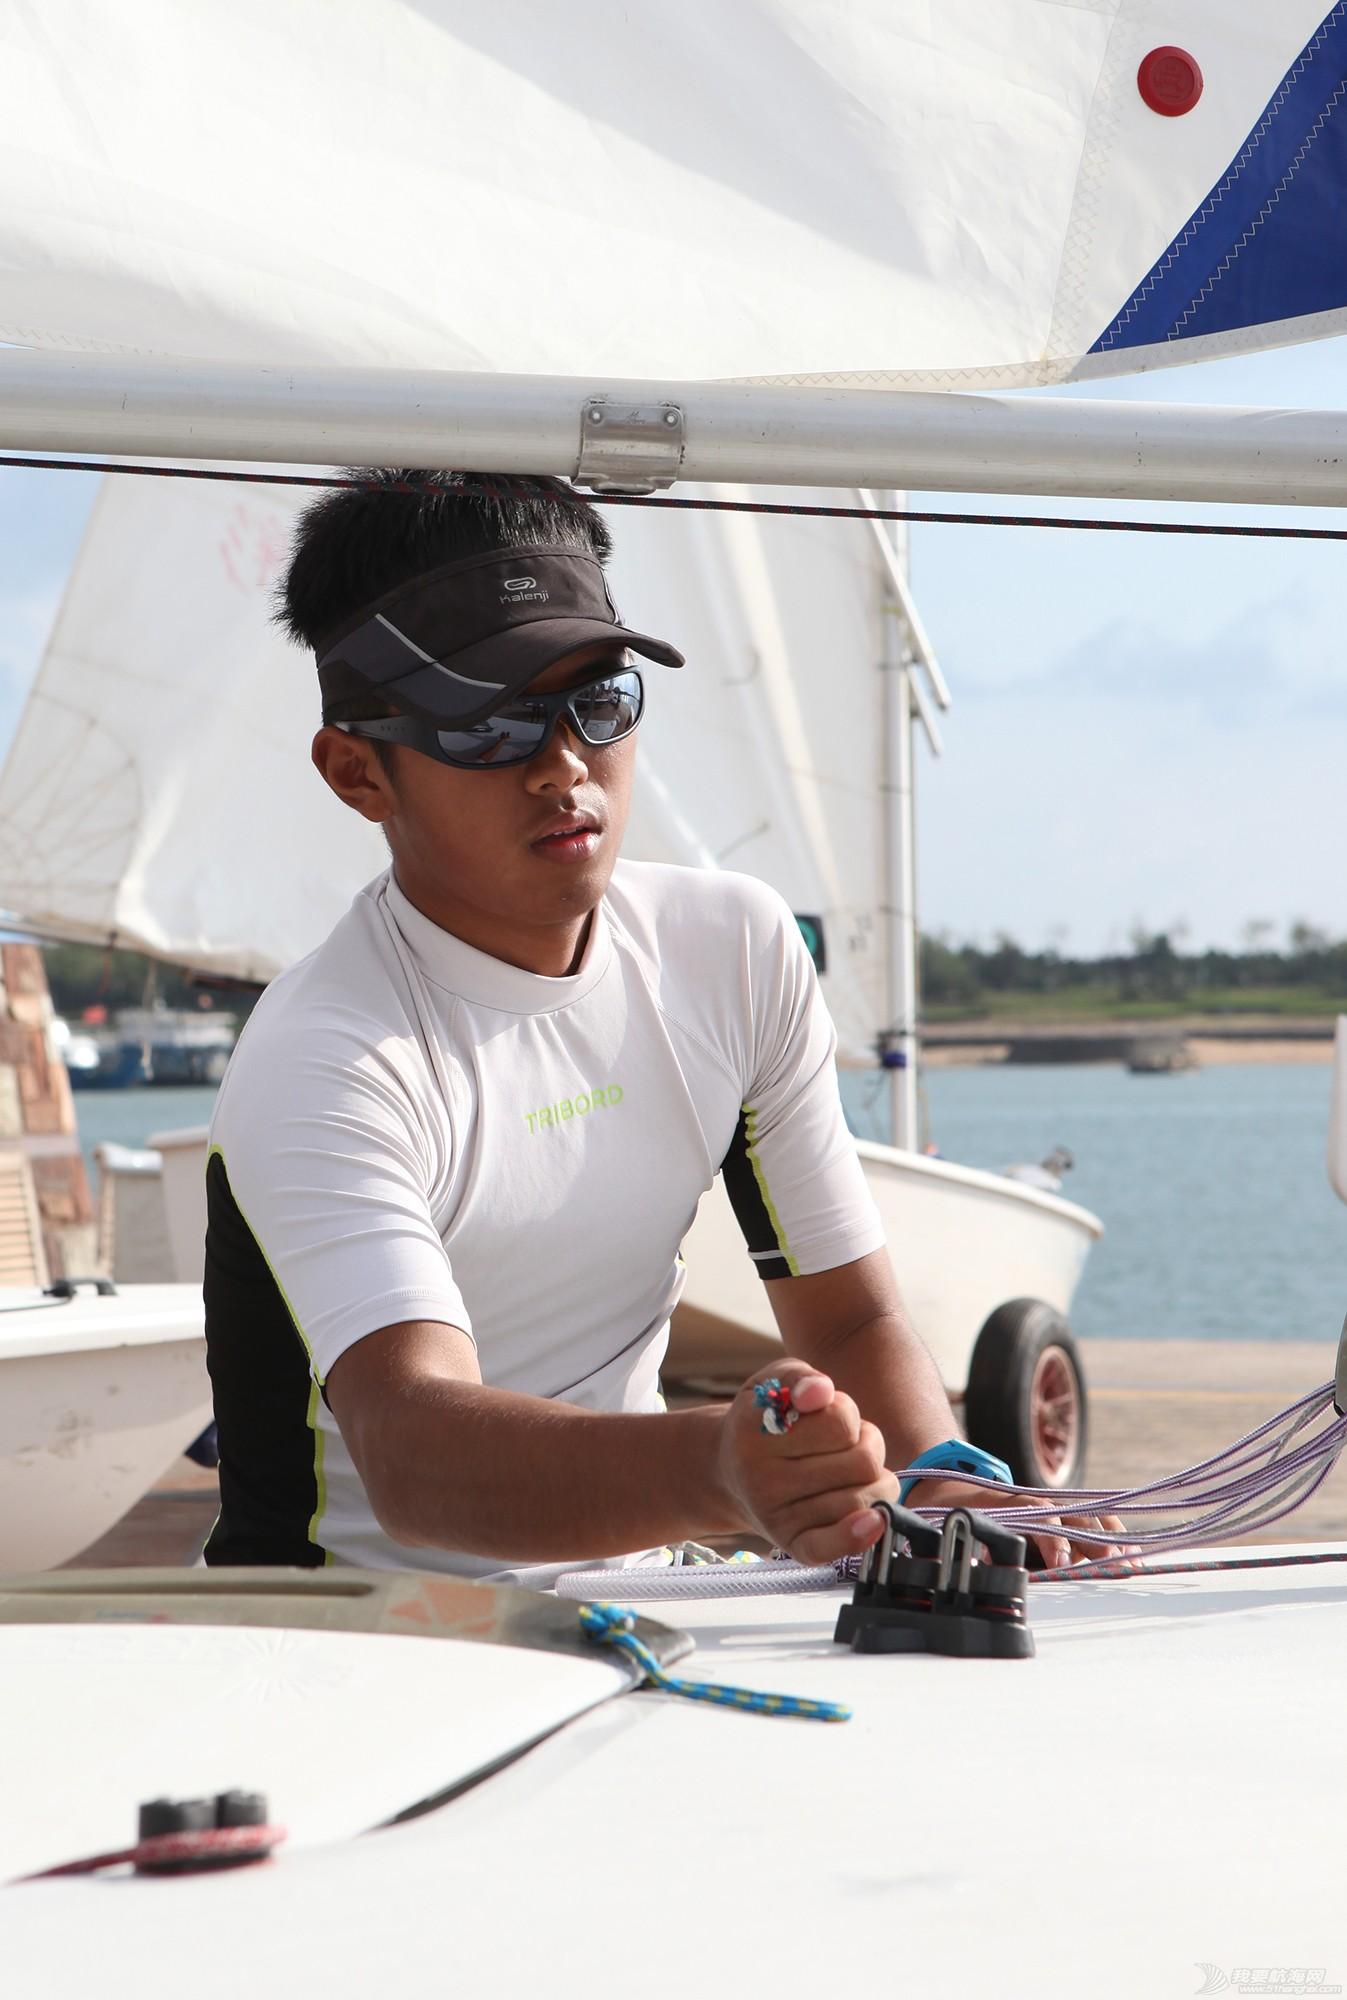 山东省,冠军赛,帆板,帆船 忙碌的赛前准备——山东省帆船帆板冠军赛花絮 IMG_7255.JPG